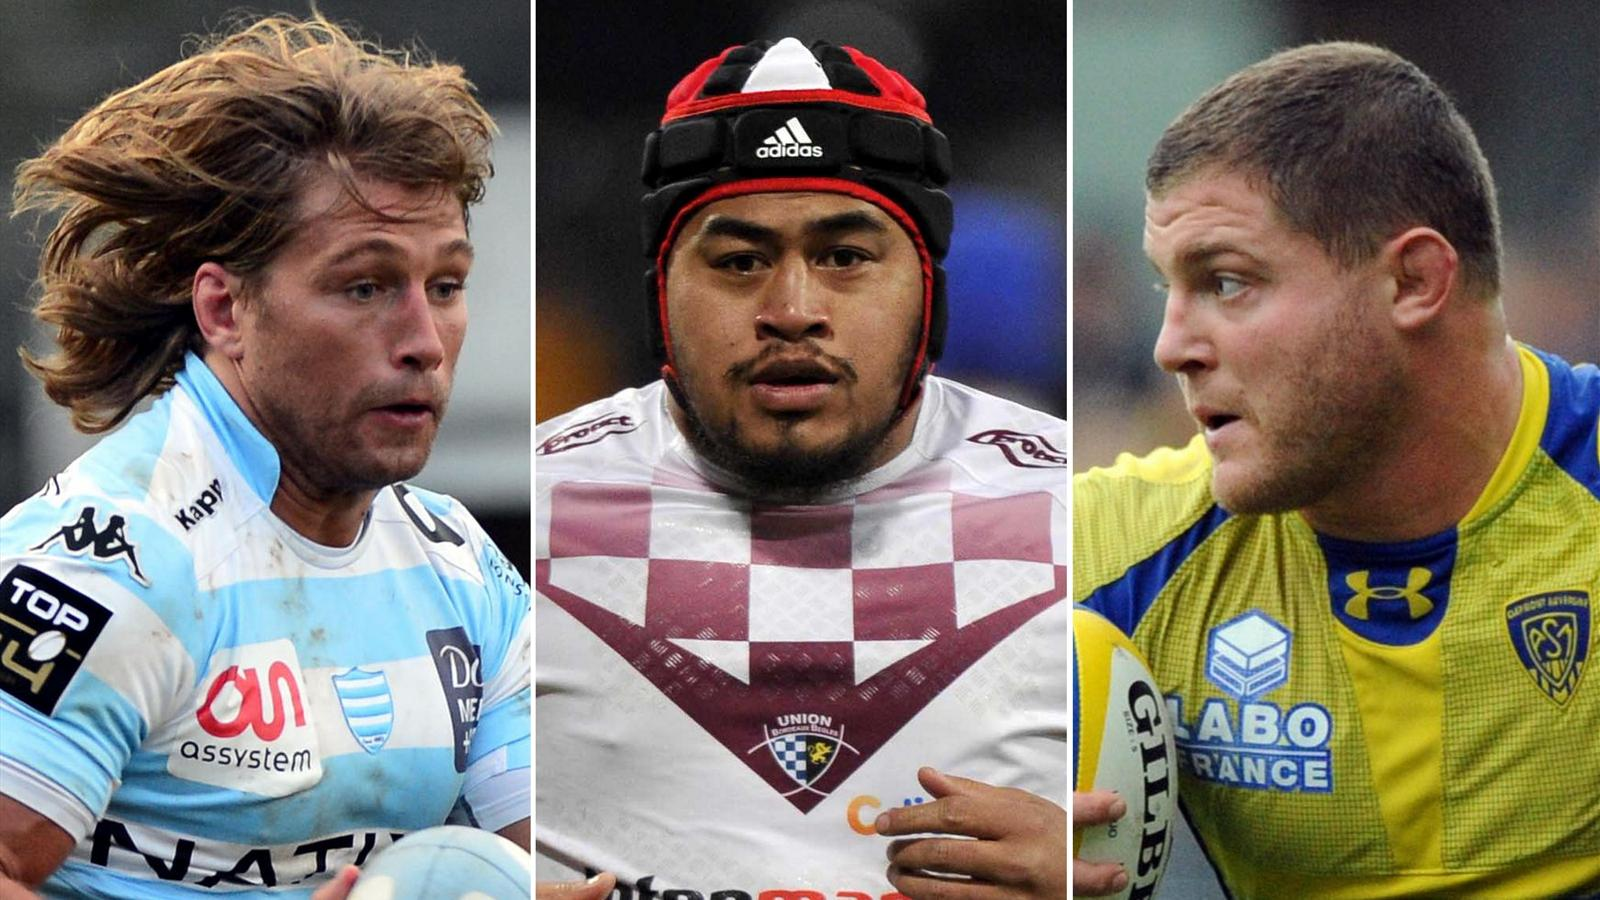 Top 14 classement des meilleurs talonneurs de la saison top 14 2012 2013 rugby rugbyrama - Classement coupe d europe de rugby ...